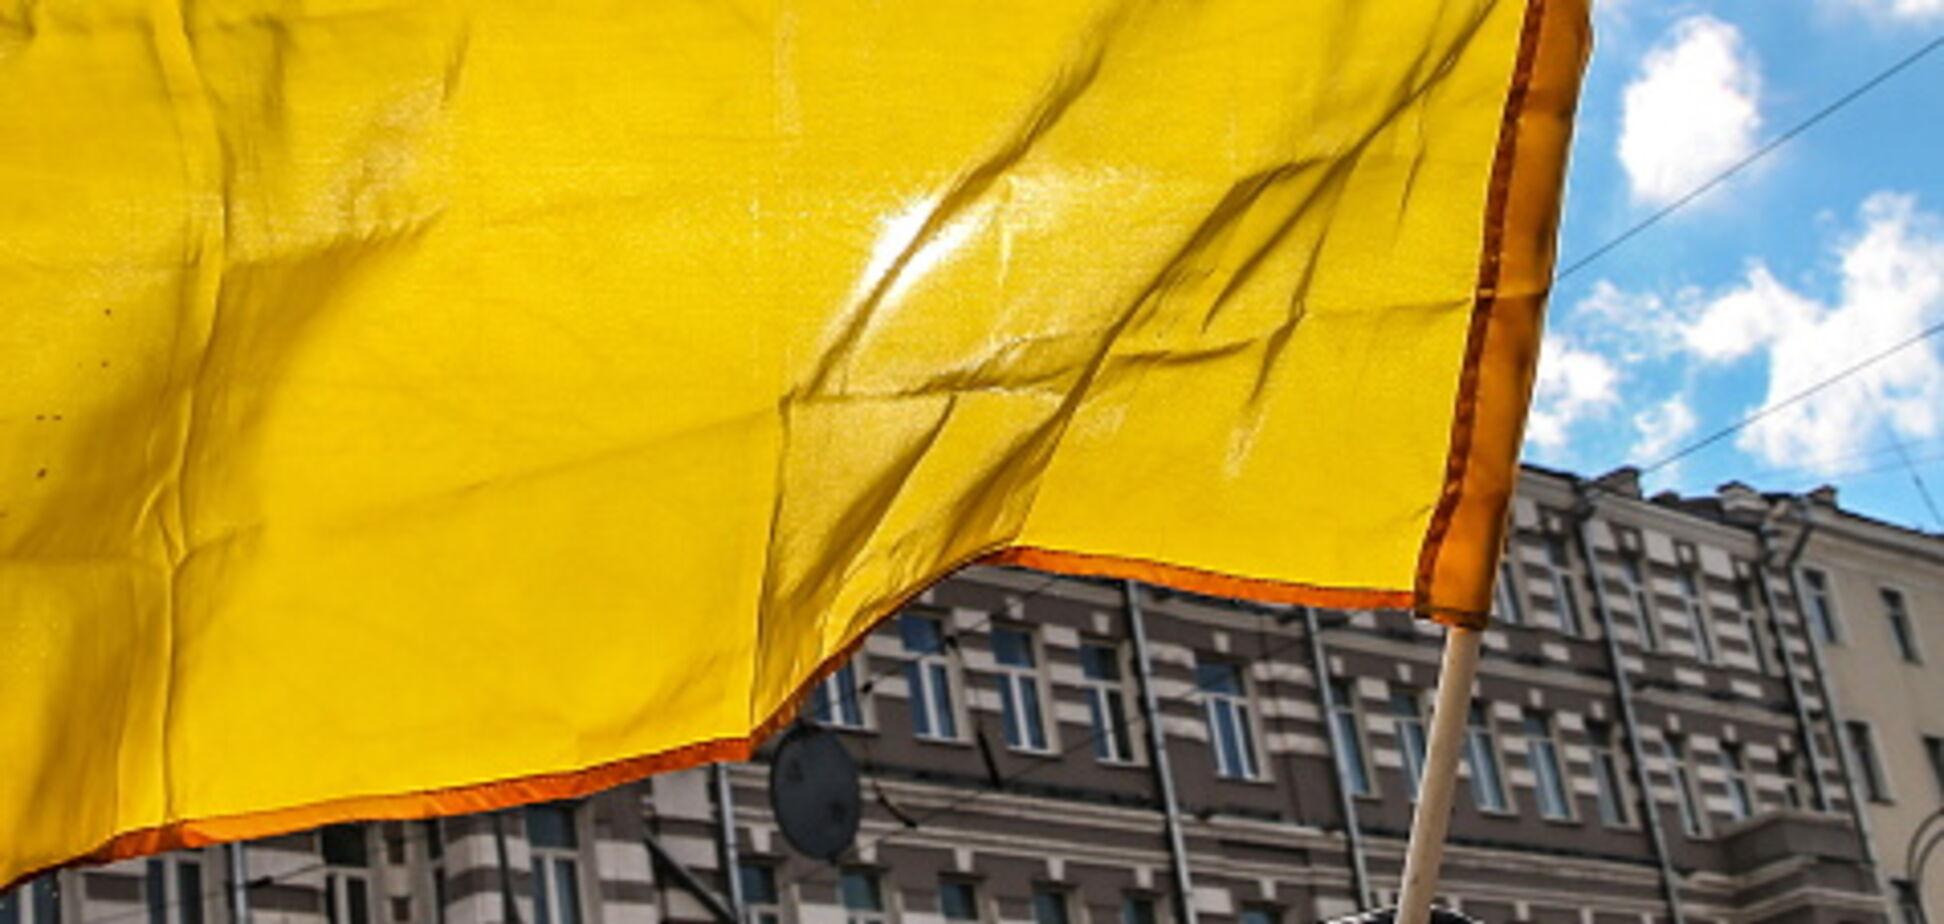 Есть два фактора: на Западе рассказали, почему в Украину не идут инвесторы